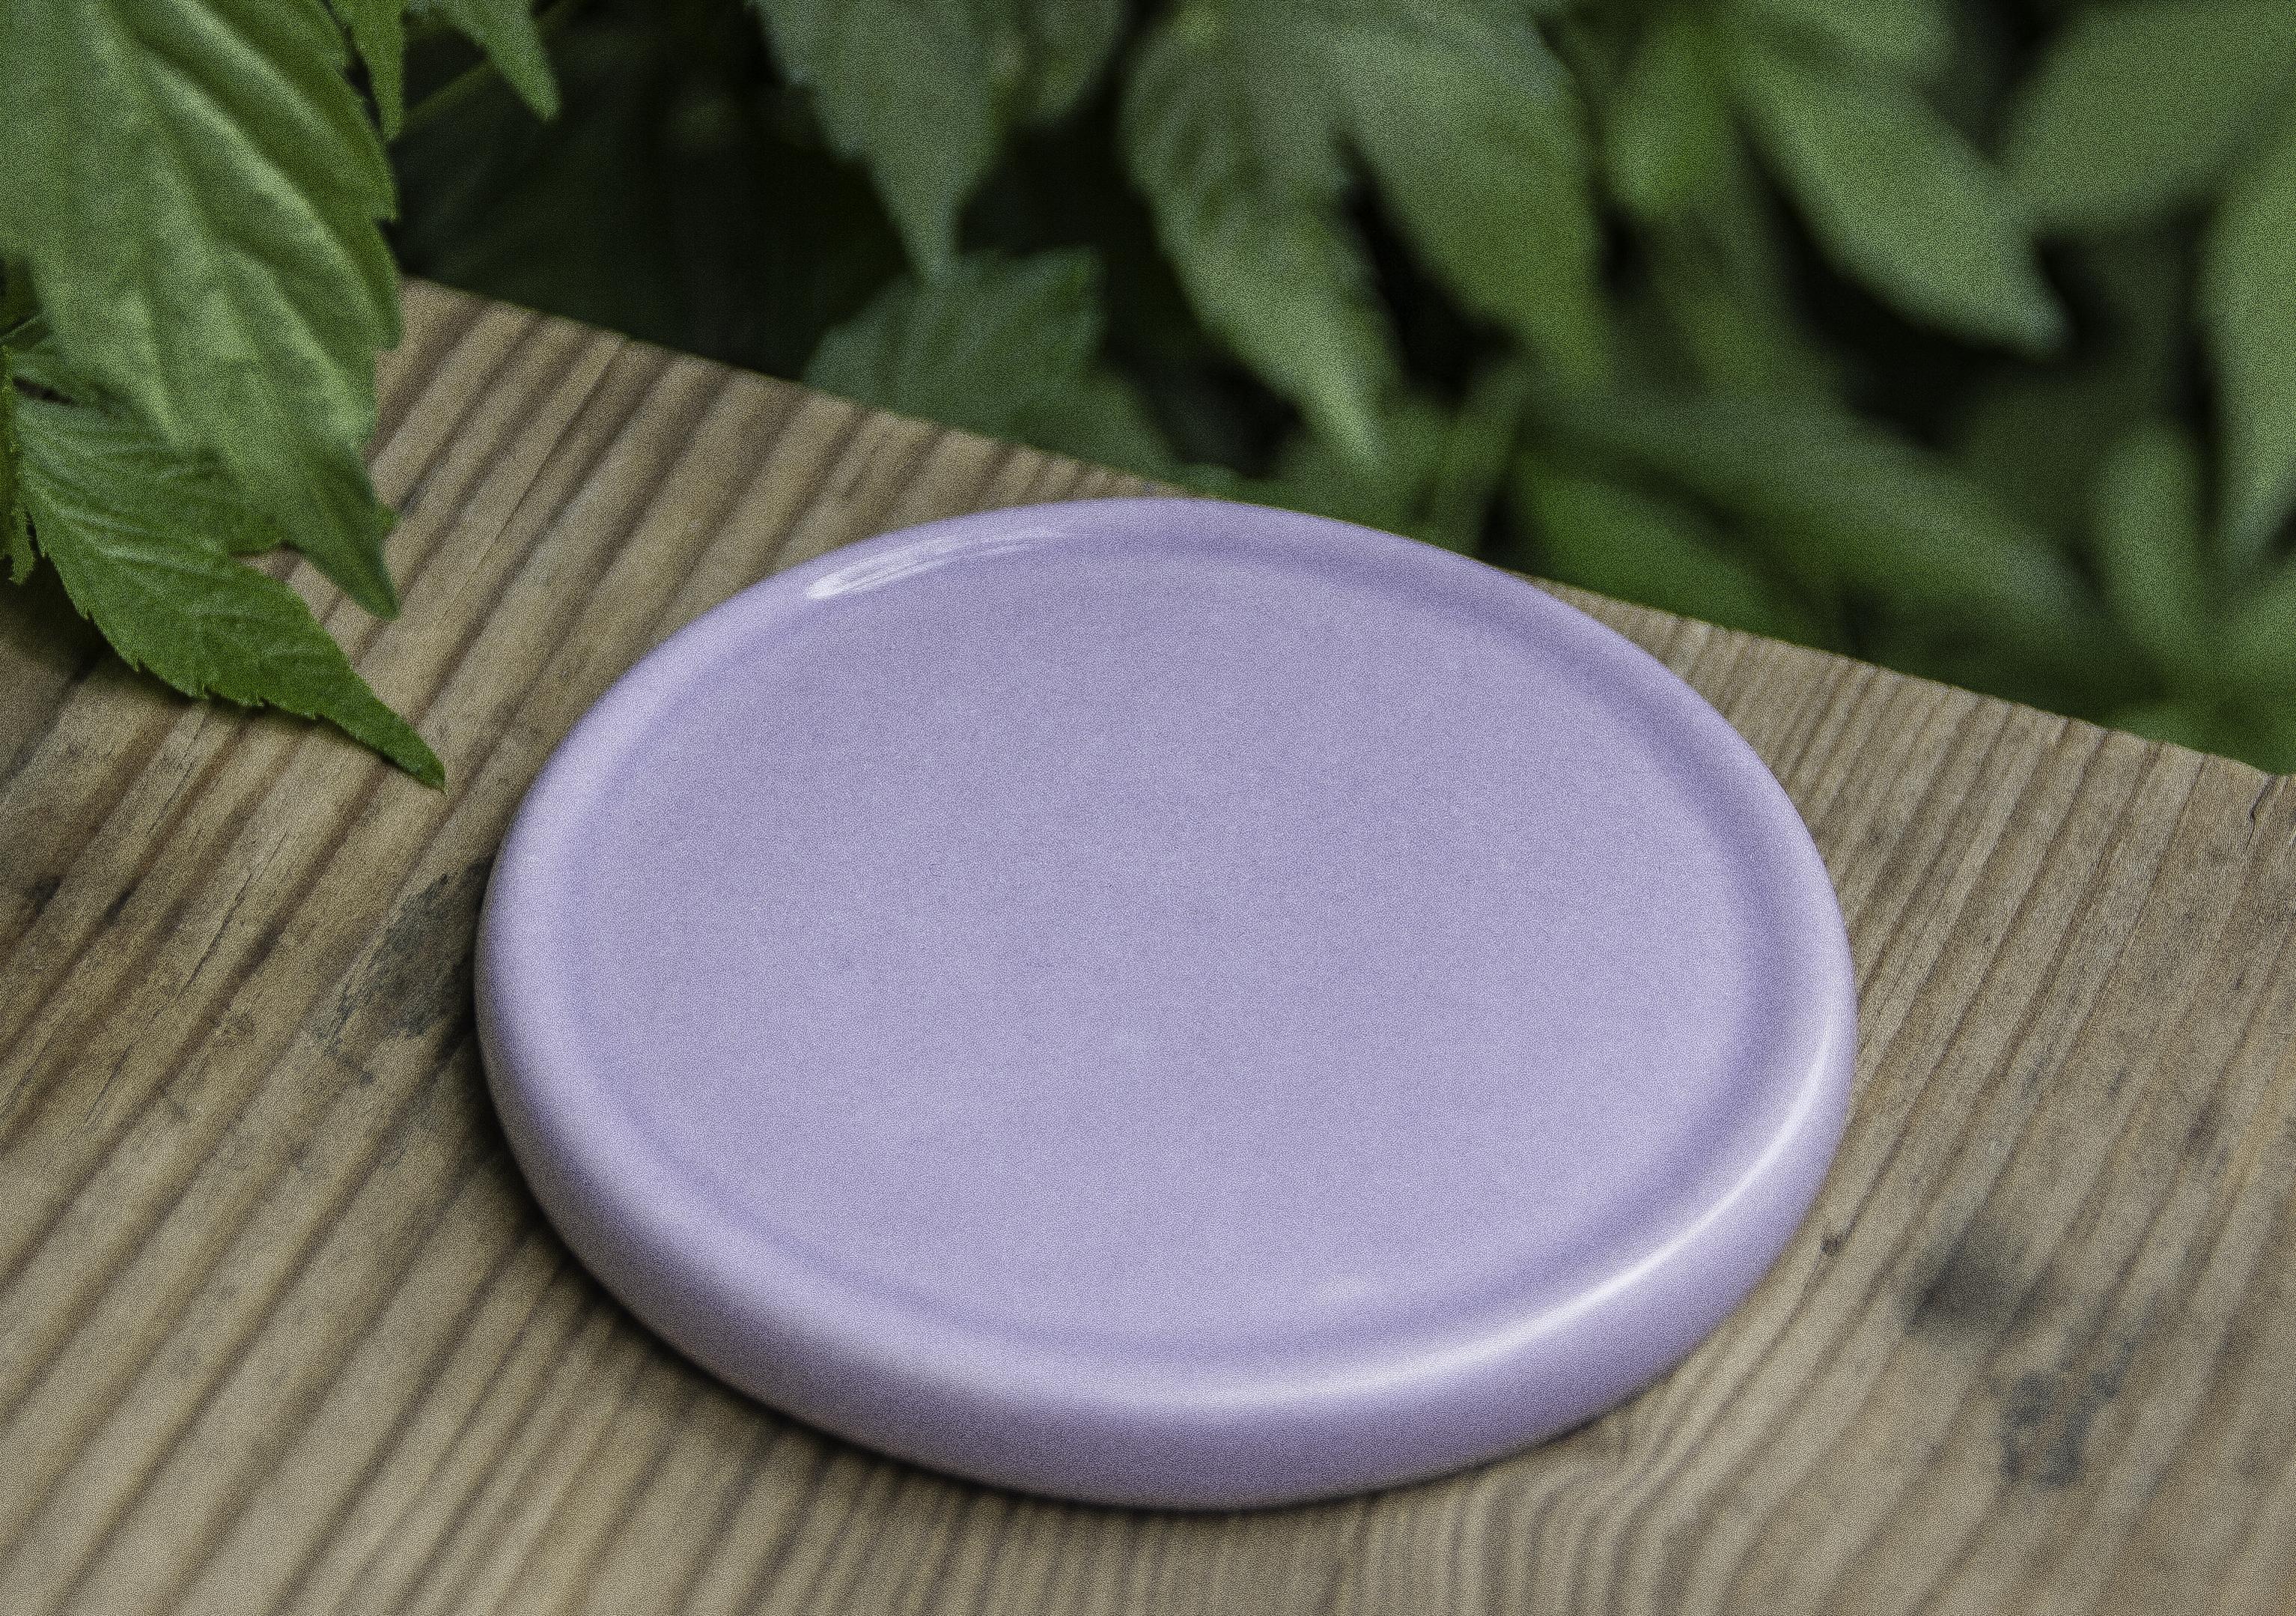 Keramik-Untersetzer für Duftsteine - fliederfarben